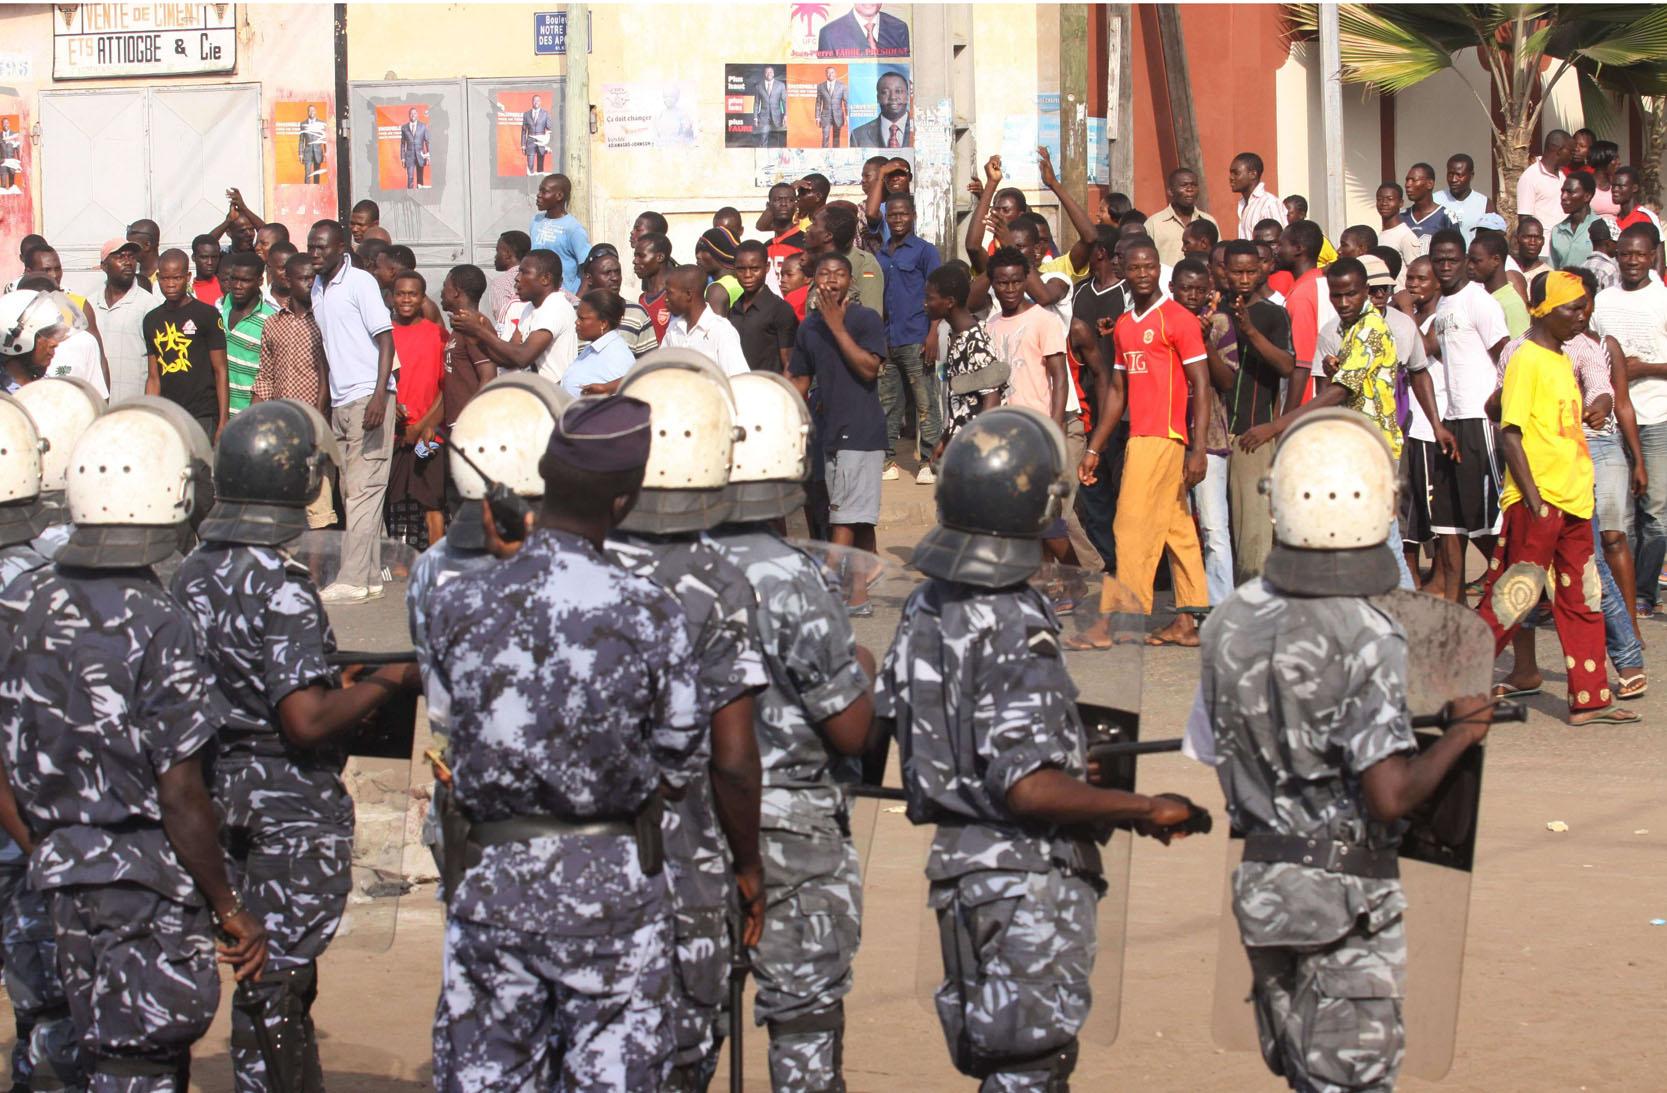 CRS togolais face à des manifestants en faveur du leader de l'opposition Jean-Pierre Fabre, à Lomé, le 9 mars 2010.